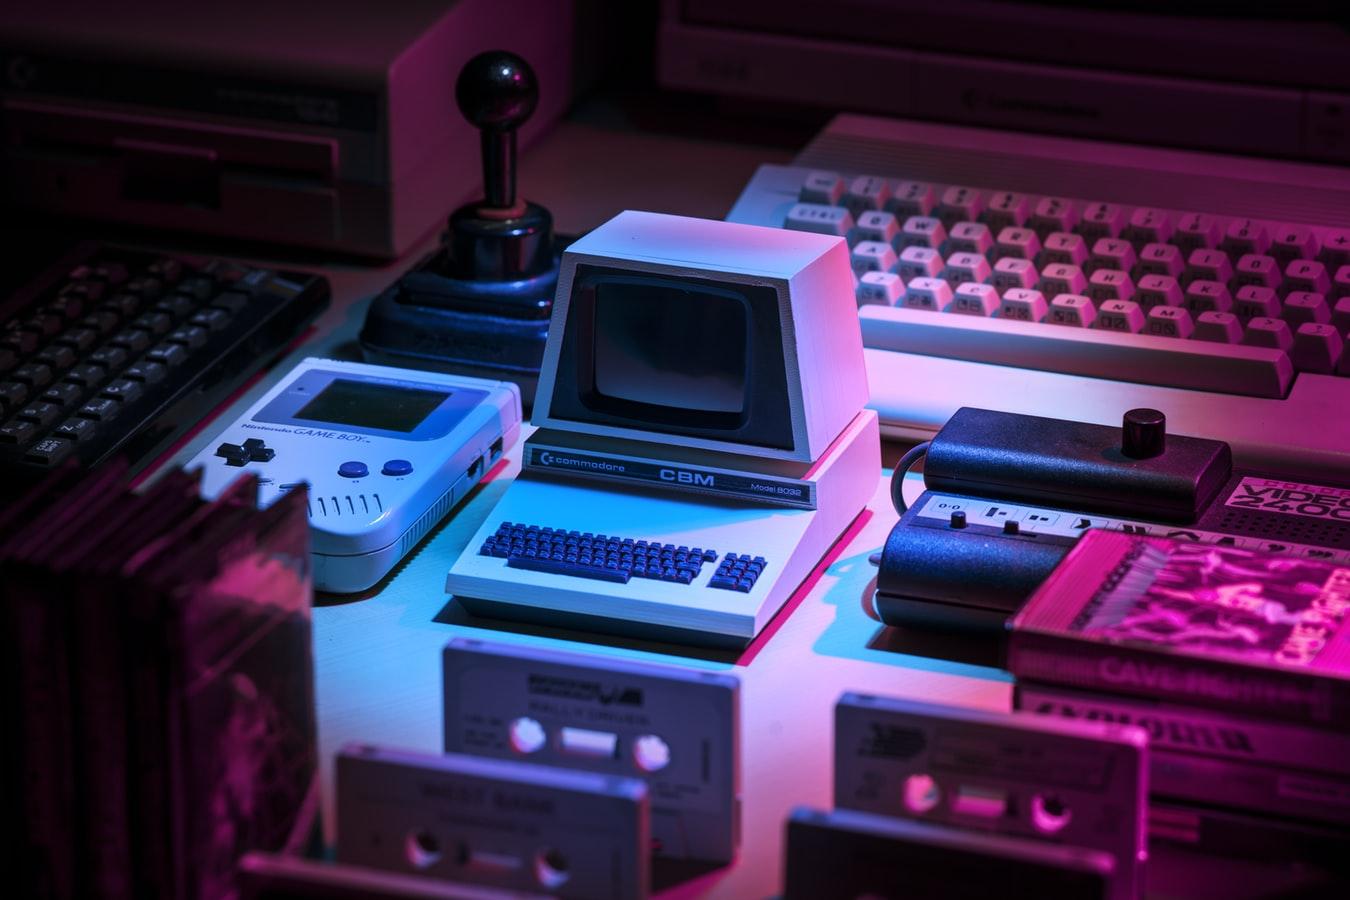 Đánh giá và phản ứng của TurboGrafx-16 Mini 1